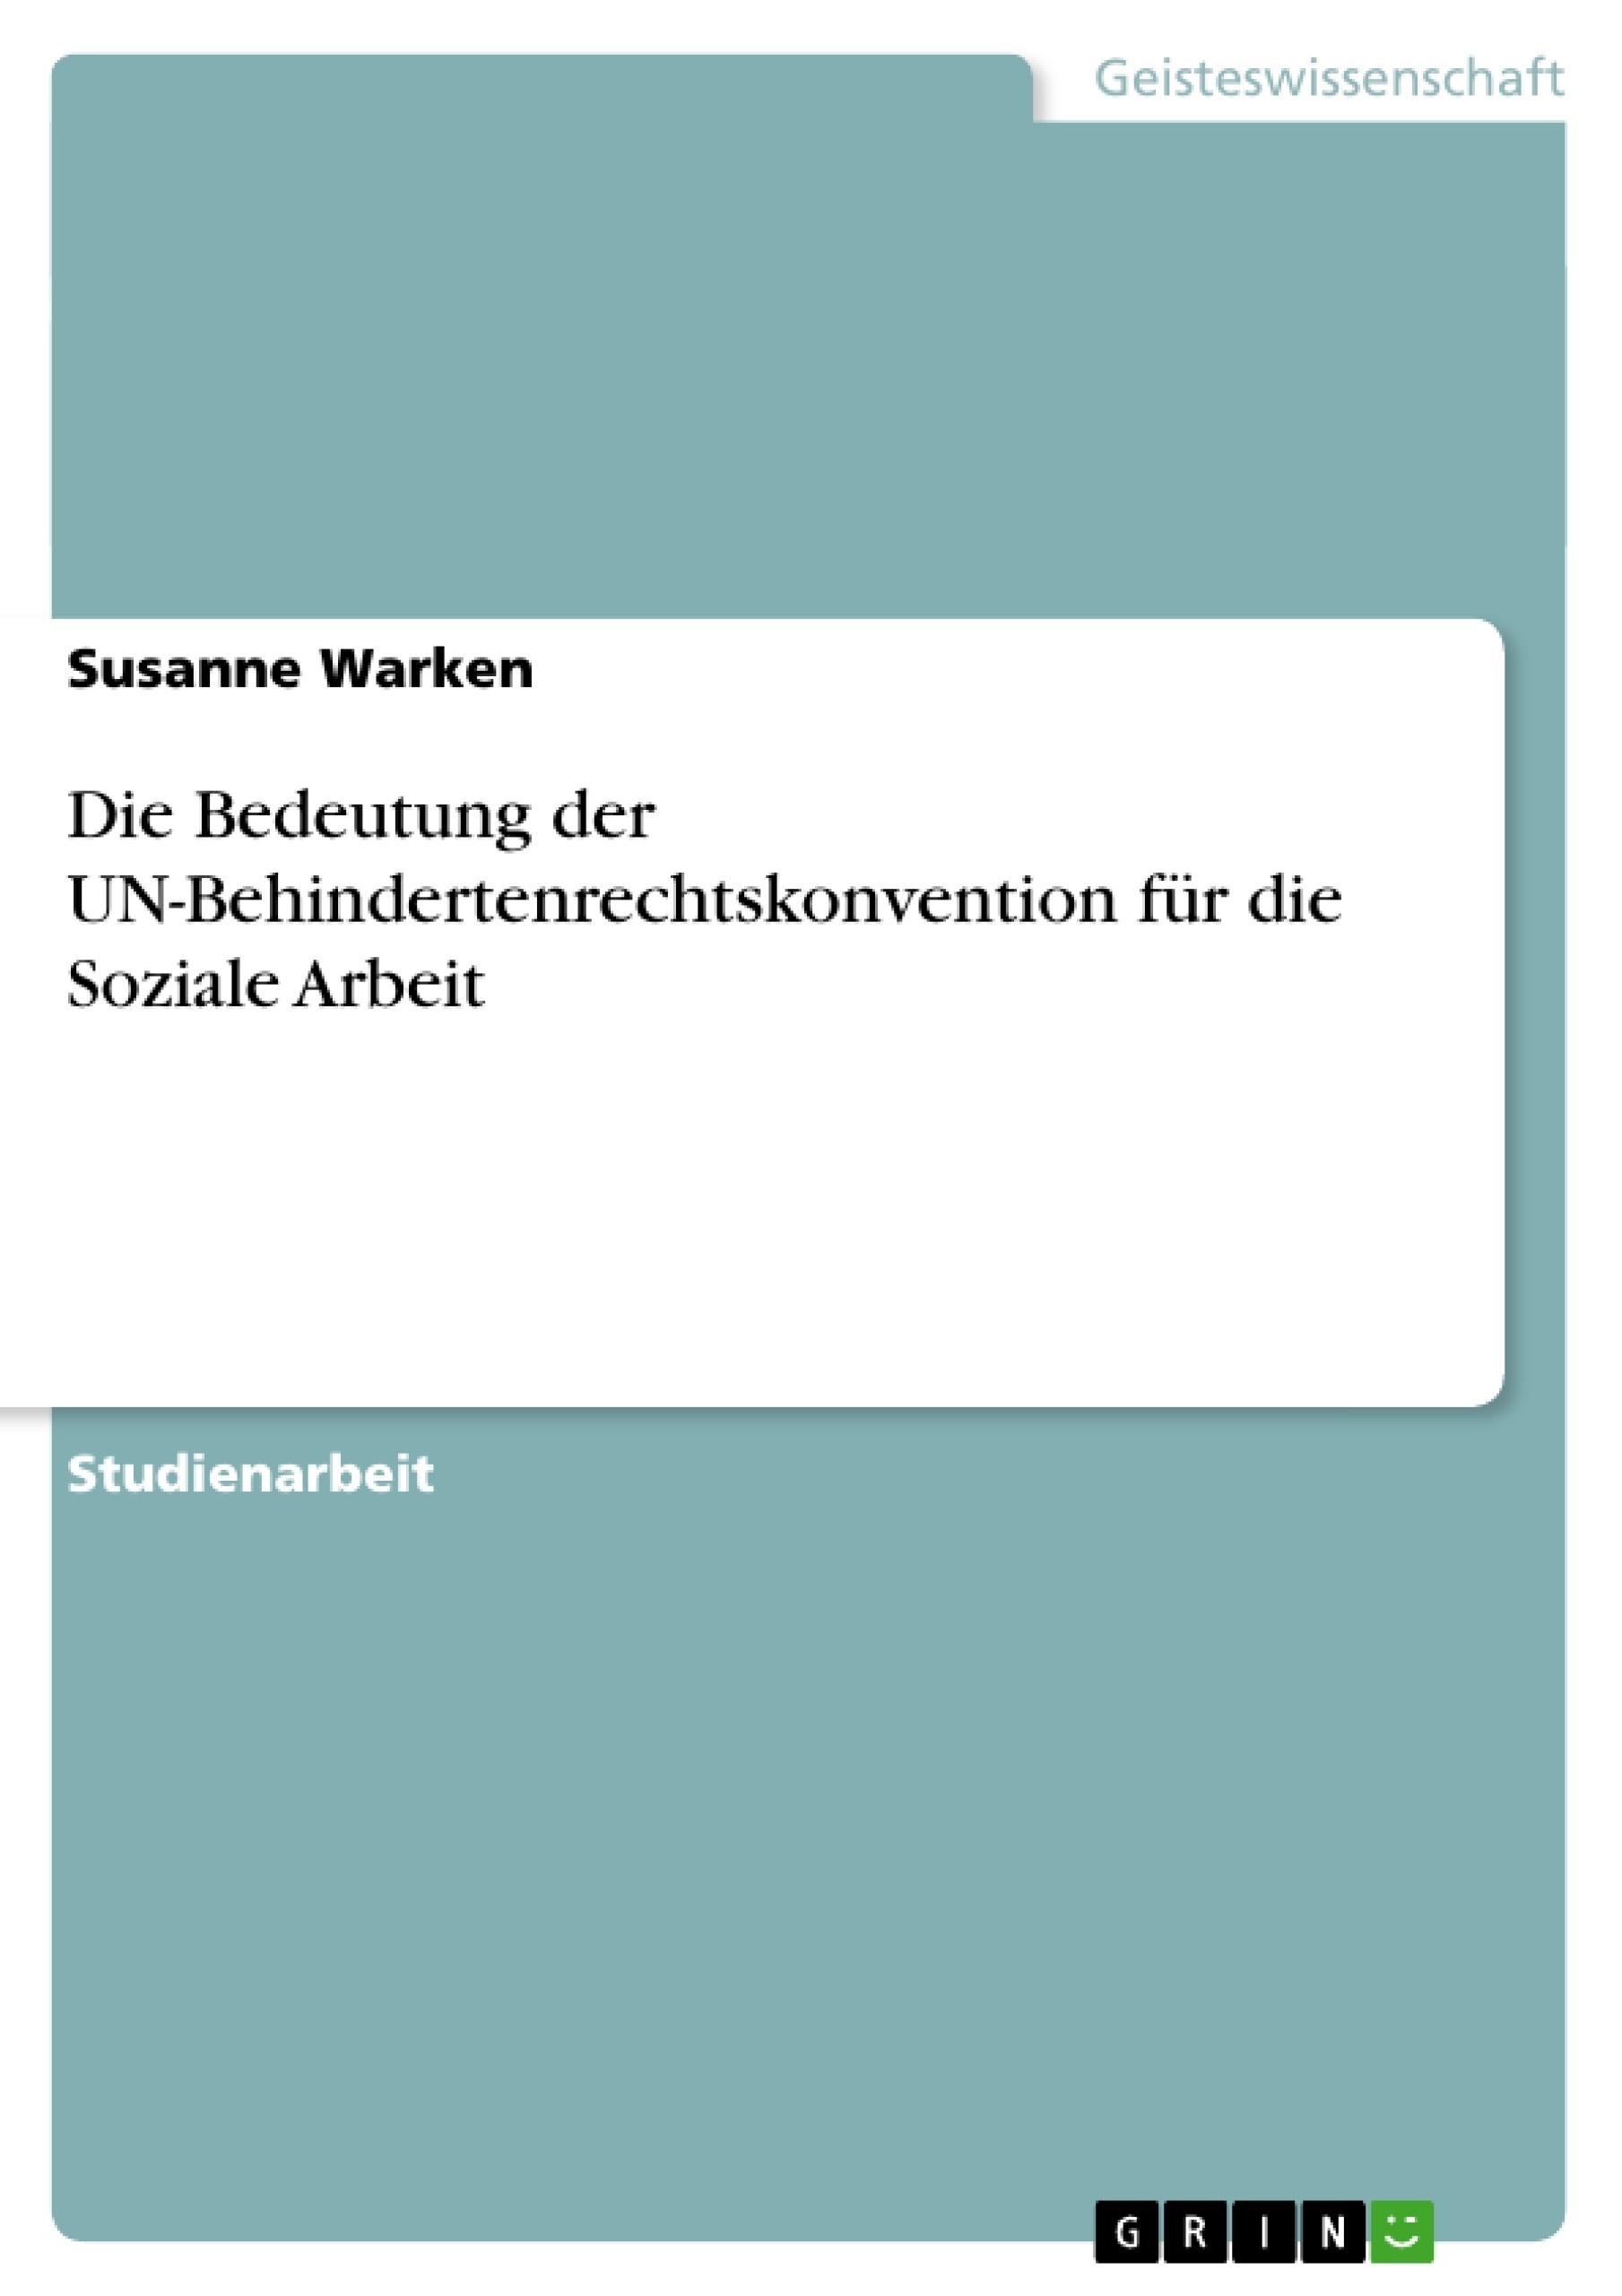 Titel: Die Bedeutung der UN-Behindertenrechtskonvention für die Soziale Arbeit